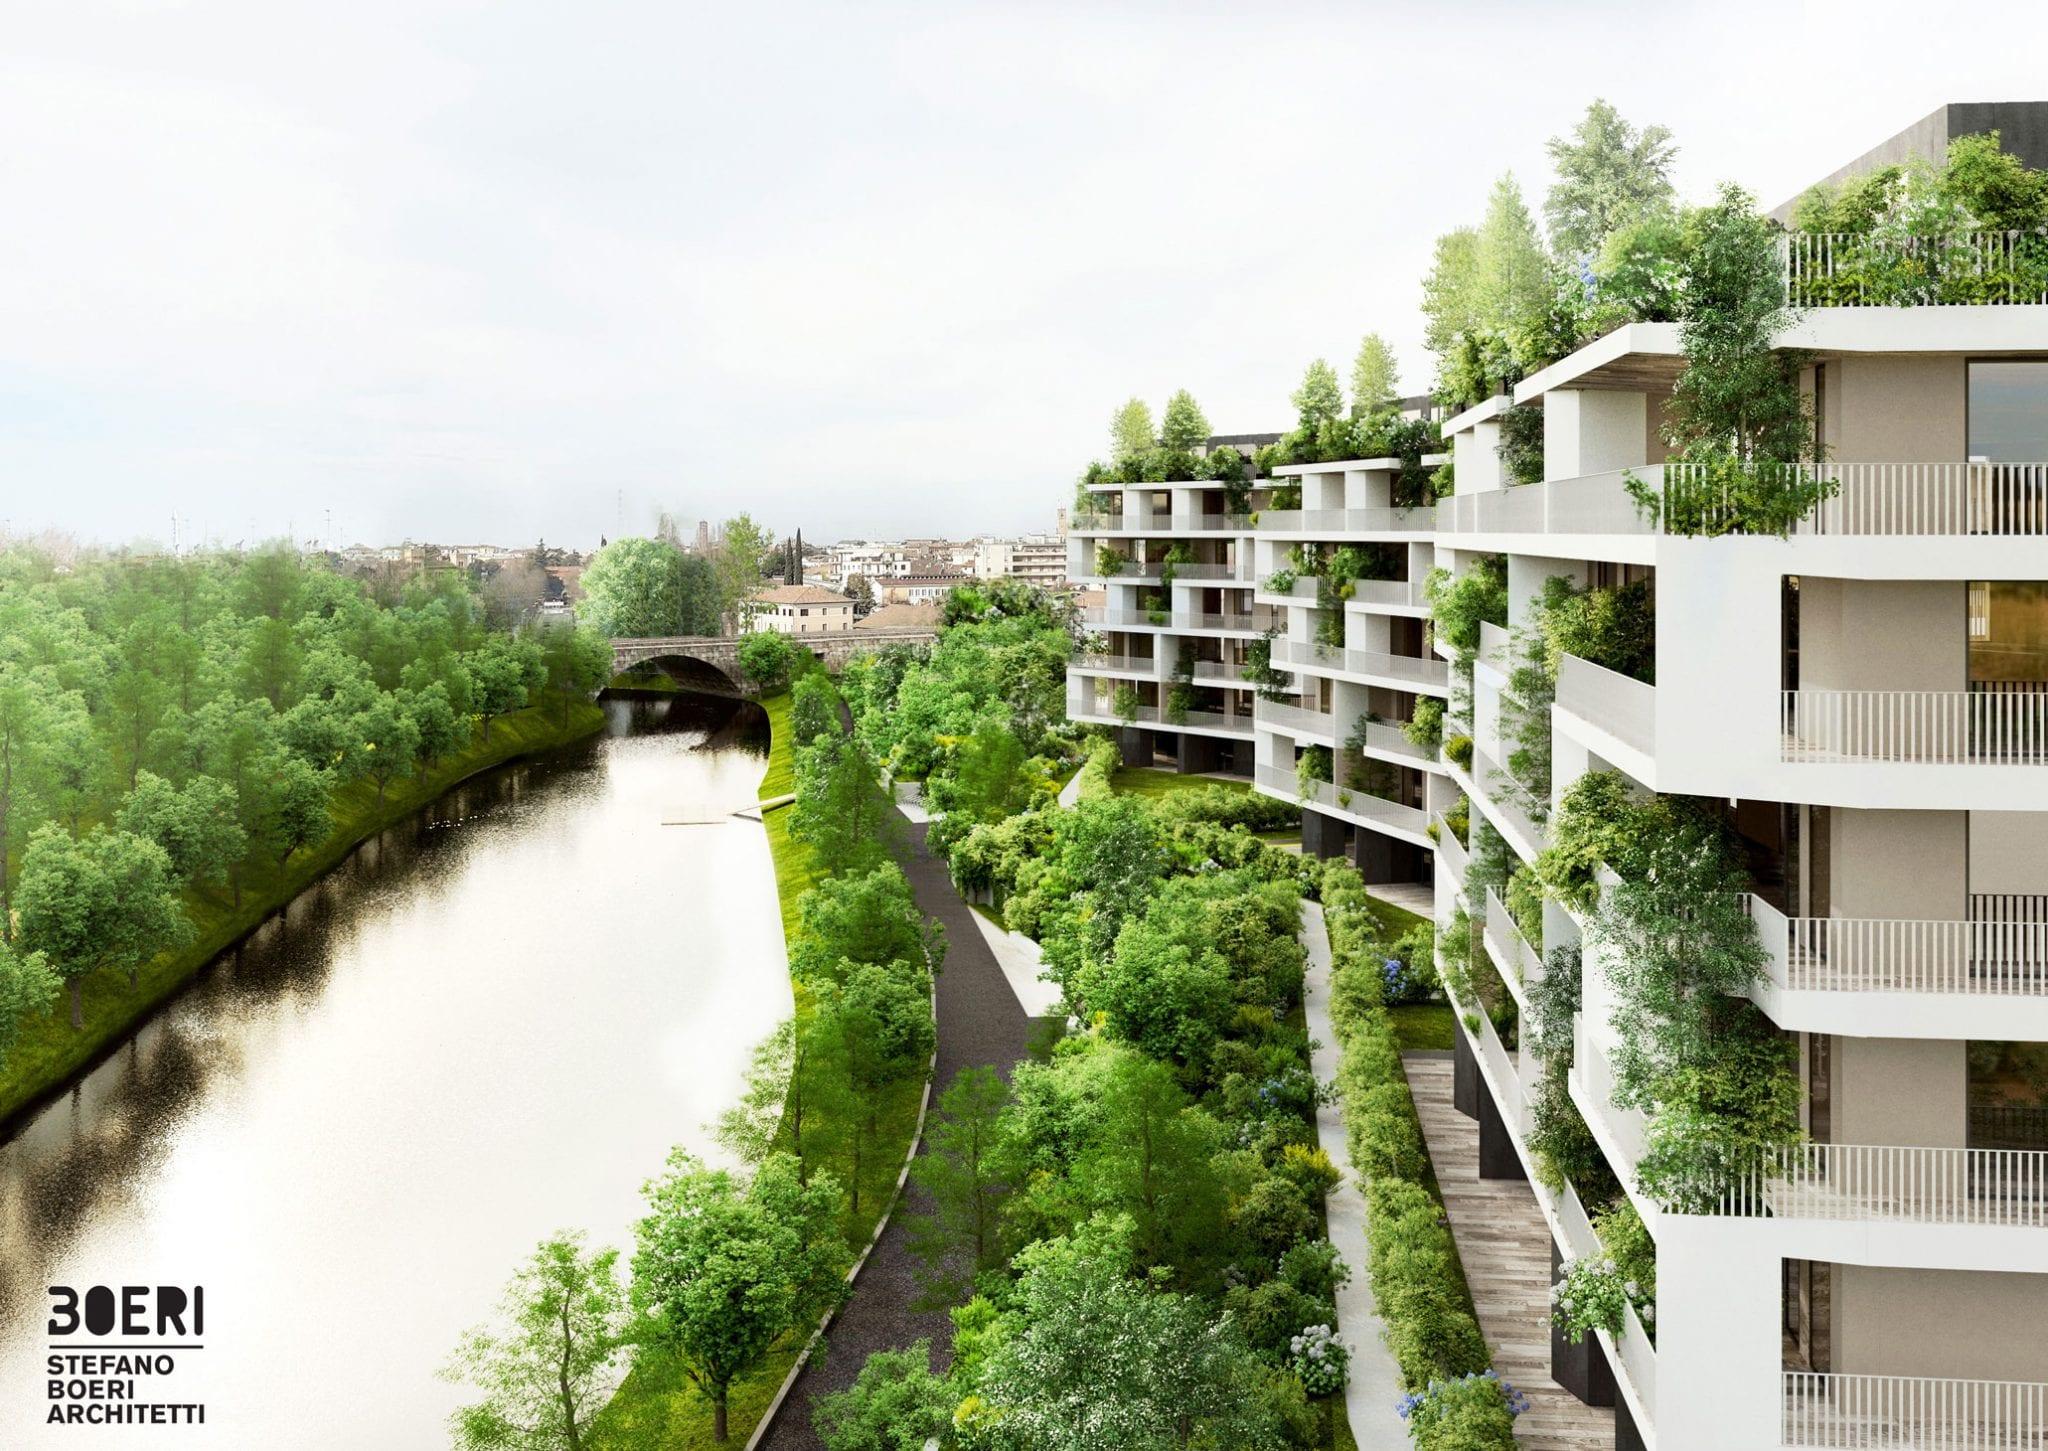 Ca-Delle-Alzaie_Treviso_Stefano-Boeri-Architetti_view-2